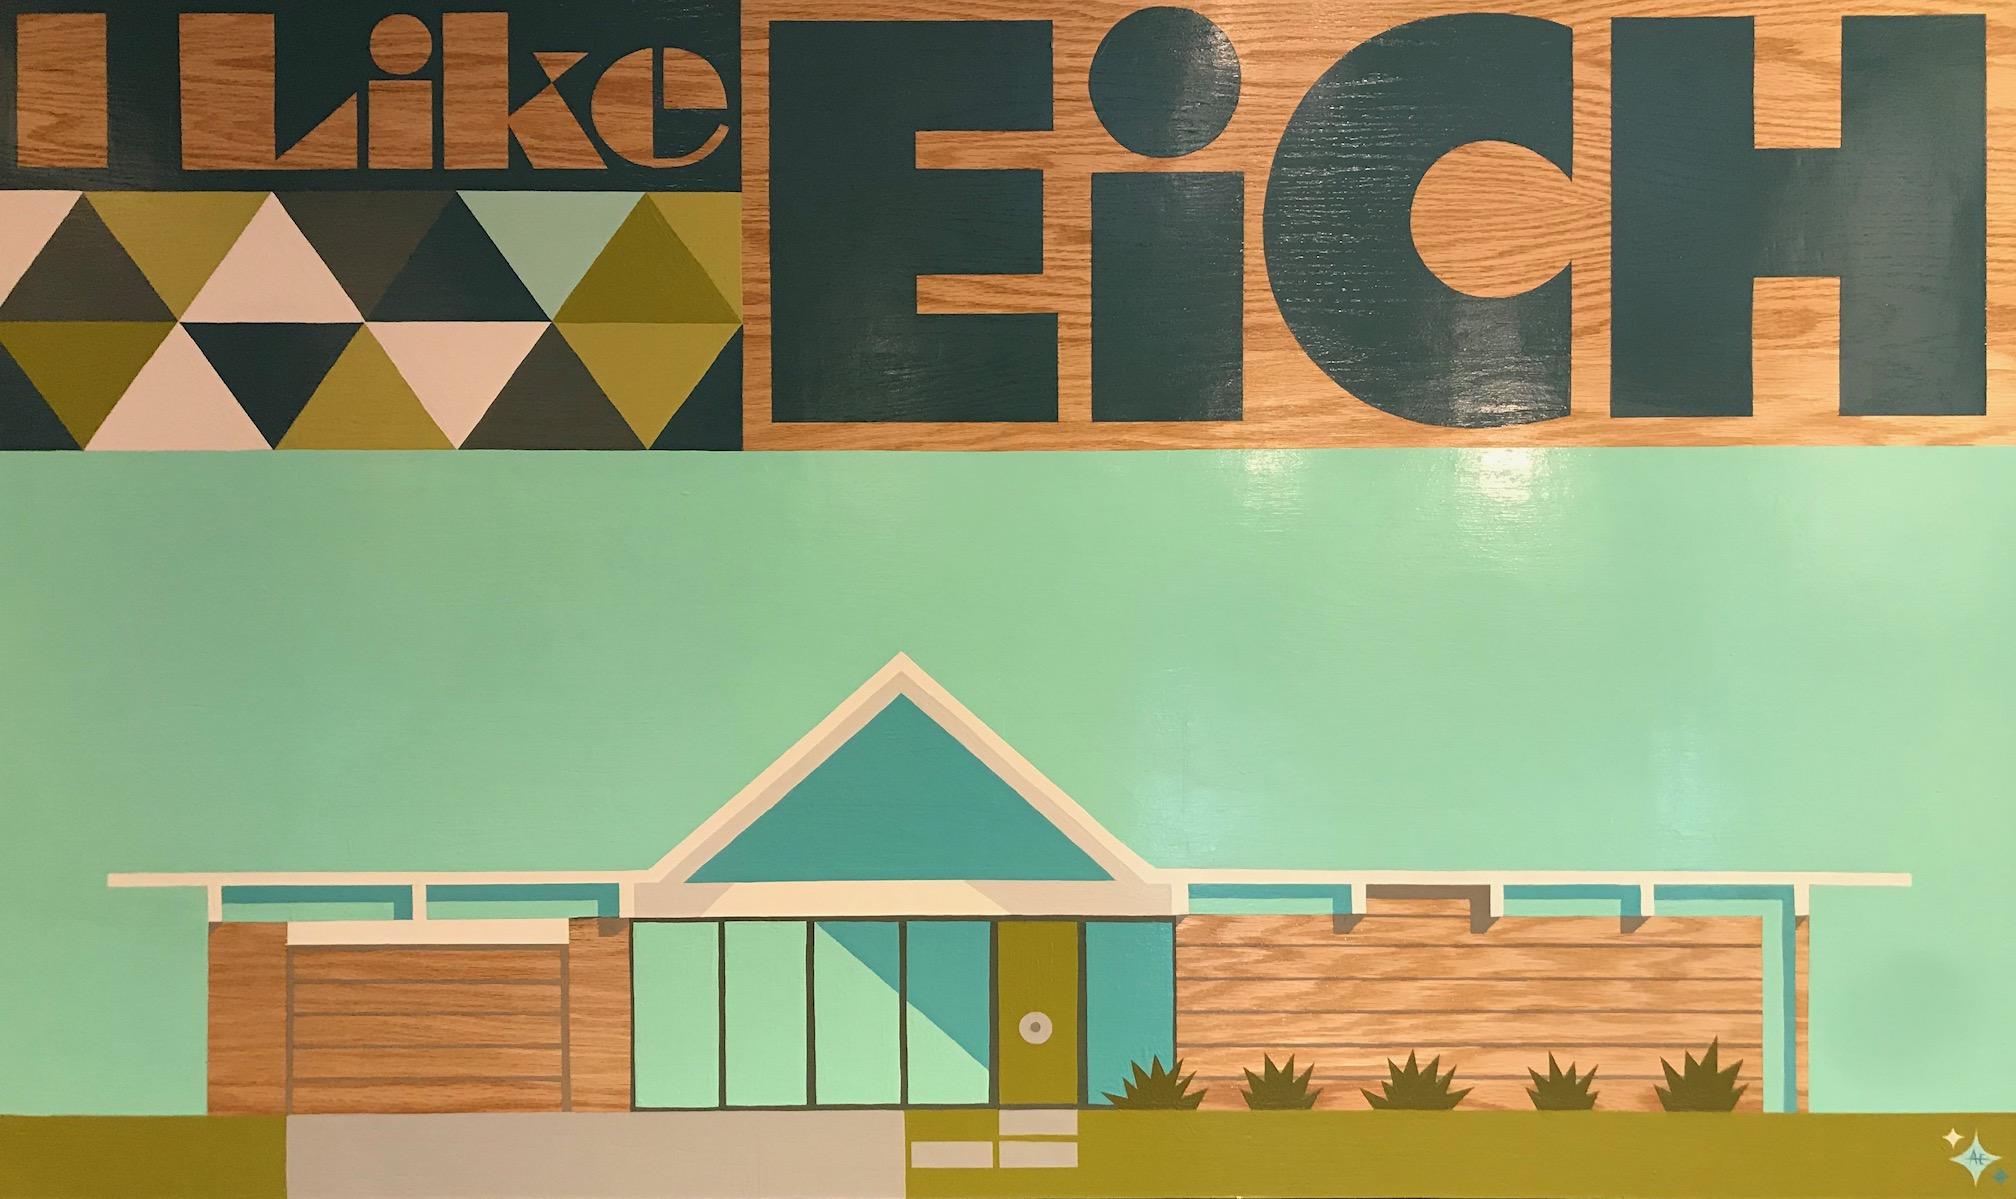 """""""I Like Eich""""-36""""x60"""" -Original Acrylic on Board by Aaron Eskridge"""